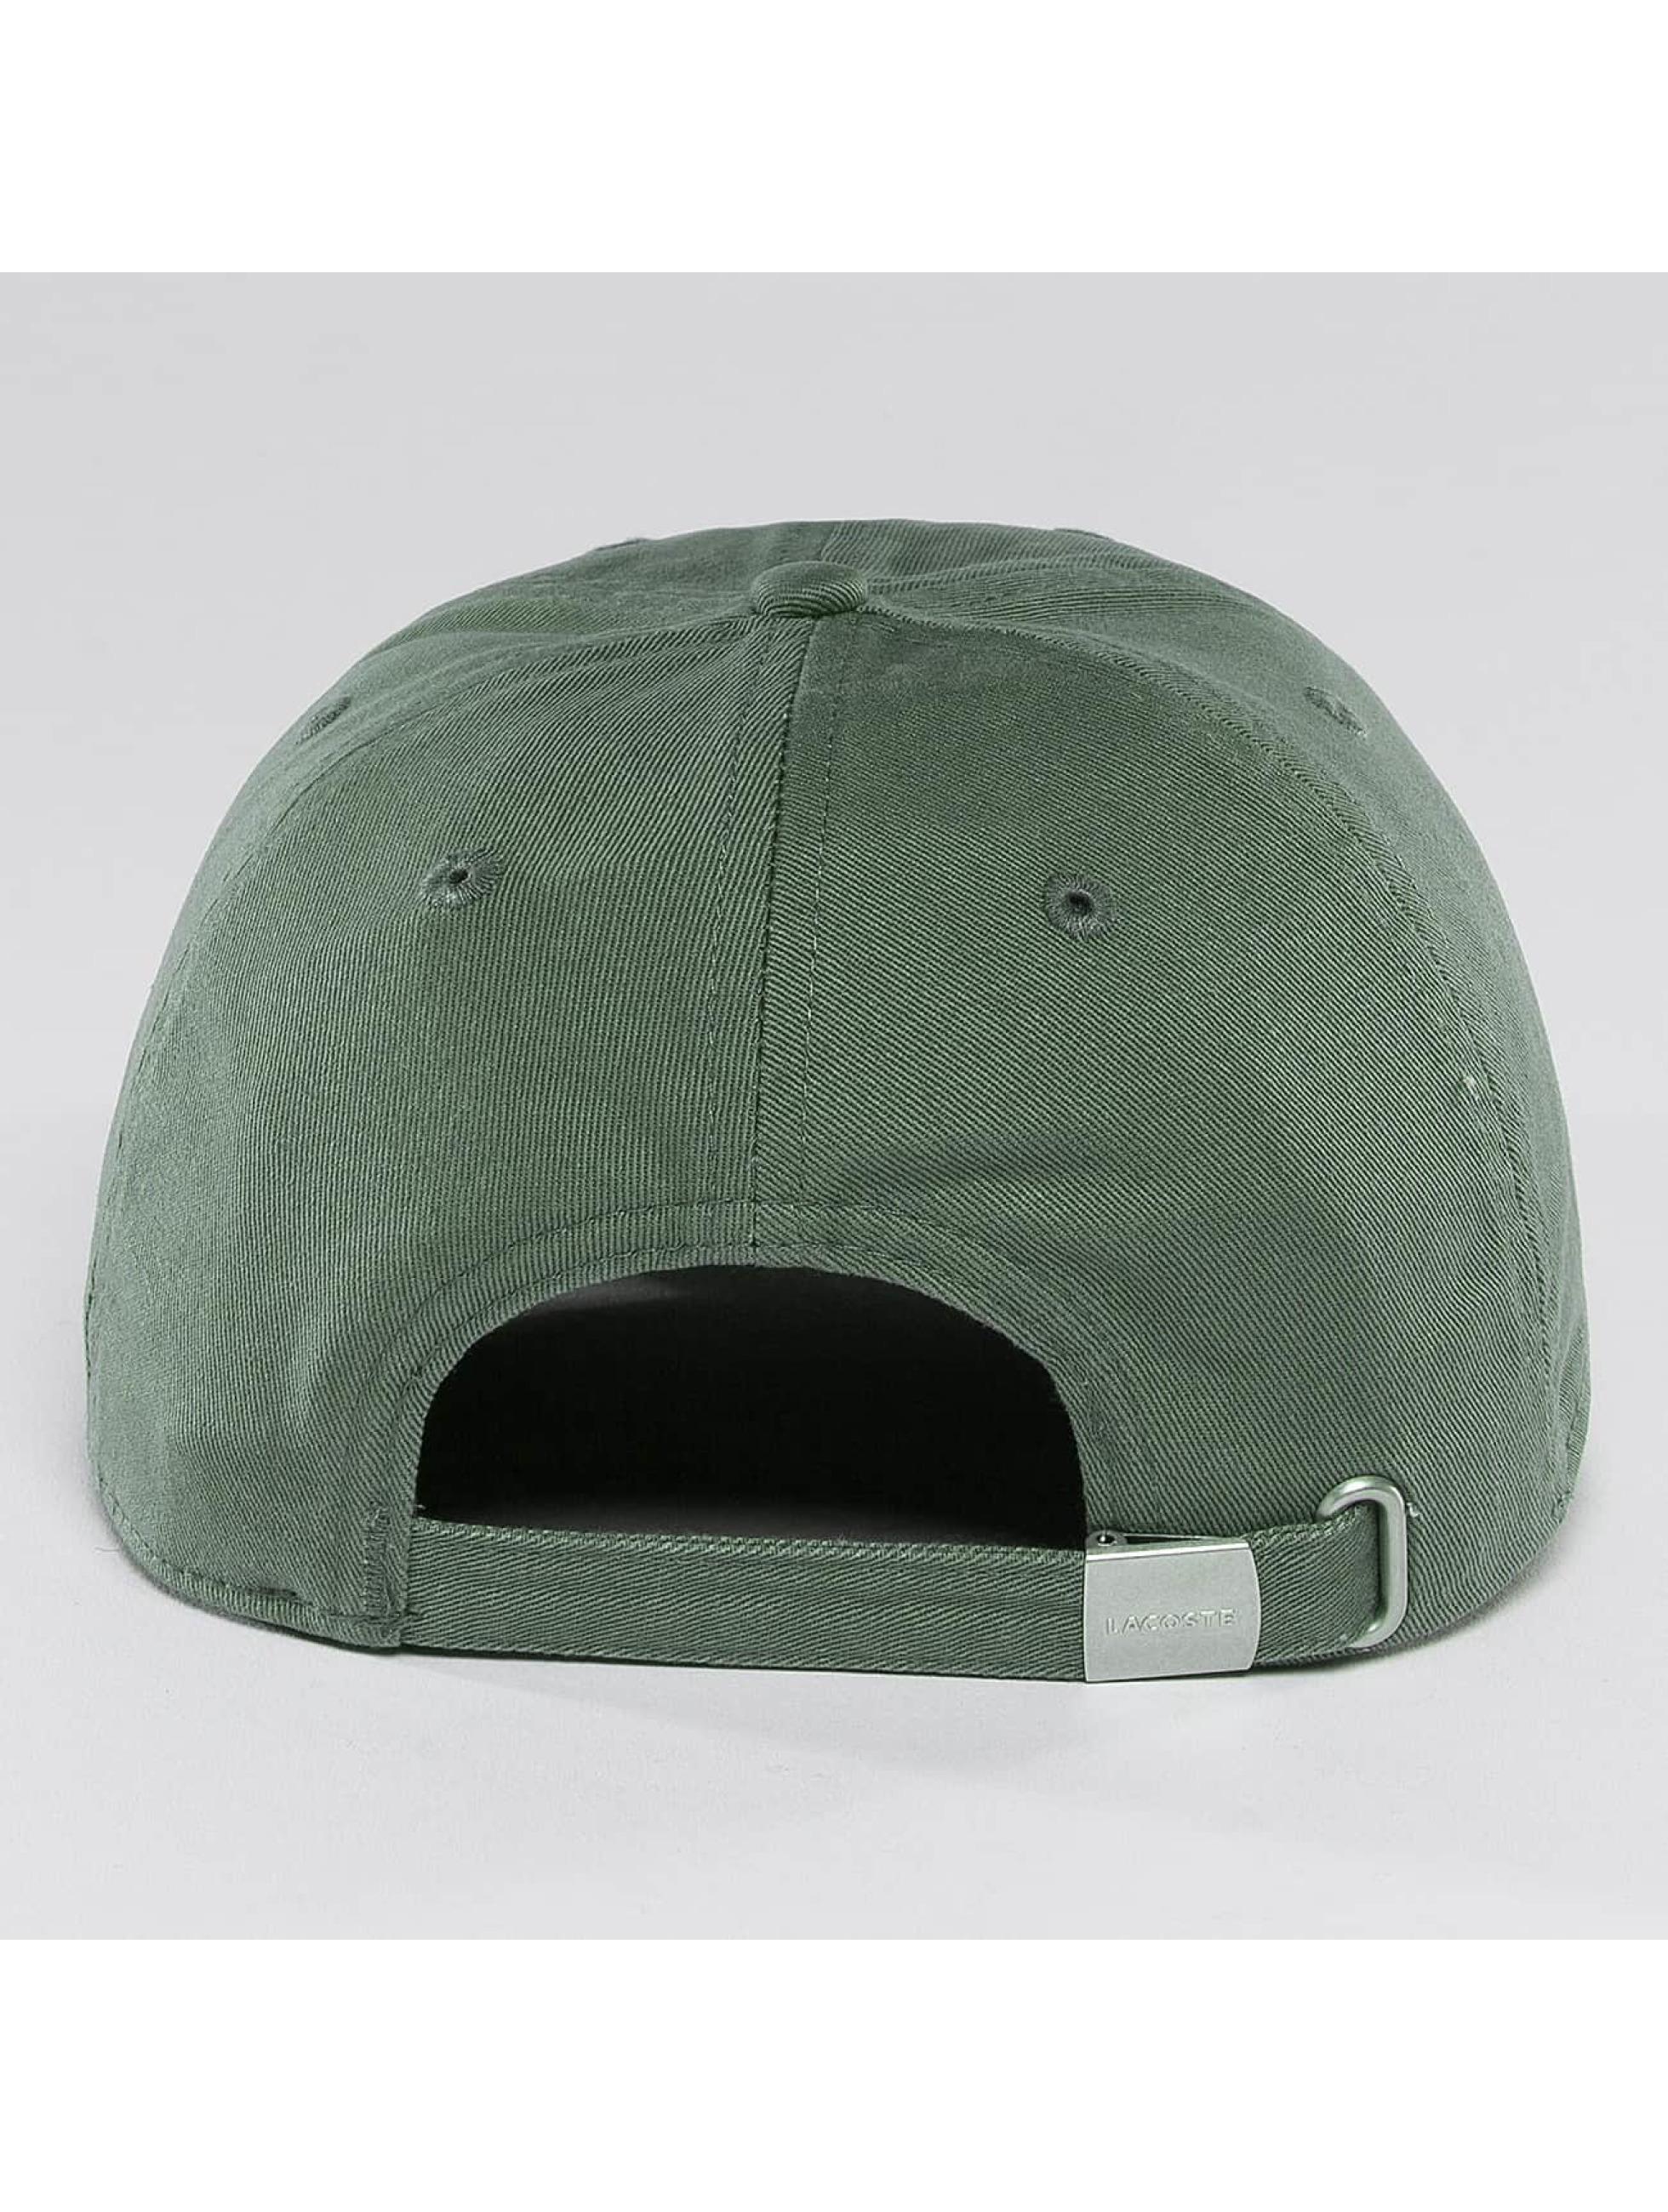 Lacoste Classic Snapbackkeps Fairplay grön